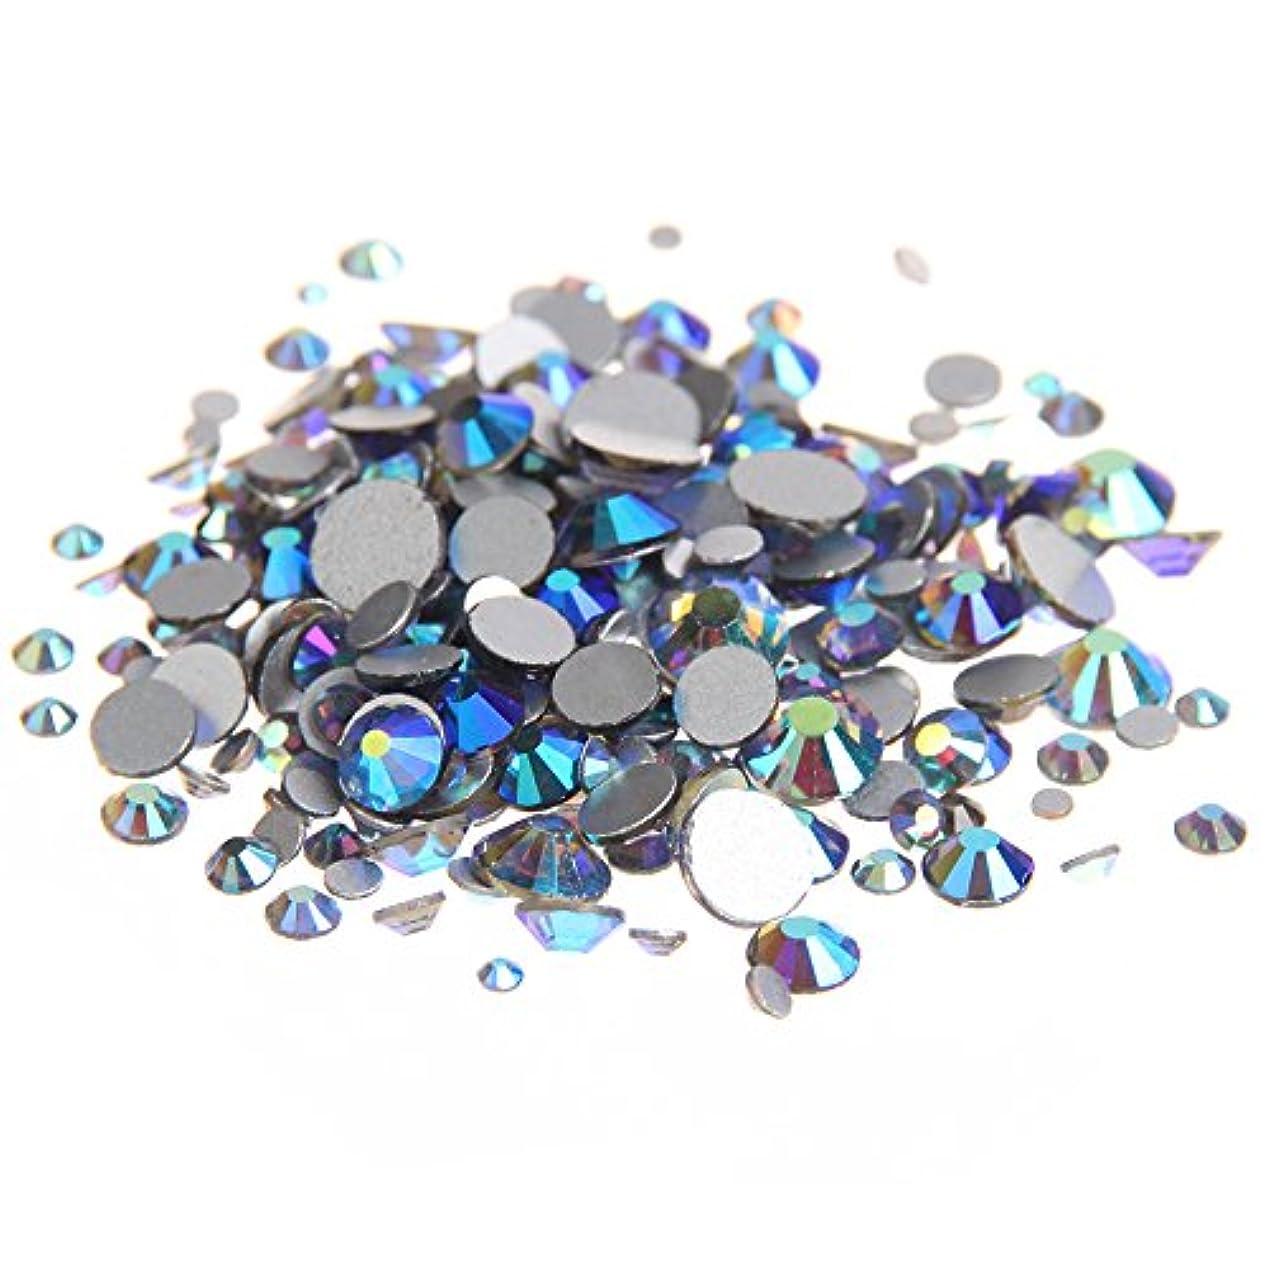 小屋症状孤独なNizi ジュエリー ブランド ブラックダイヤモンドオーロラ ラインストーン は ガラスの材質 ネイル使用 型番ss3-ss30 (SS6 1440pcs)